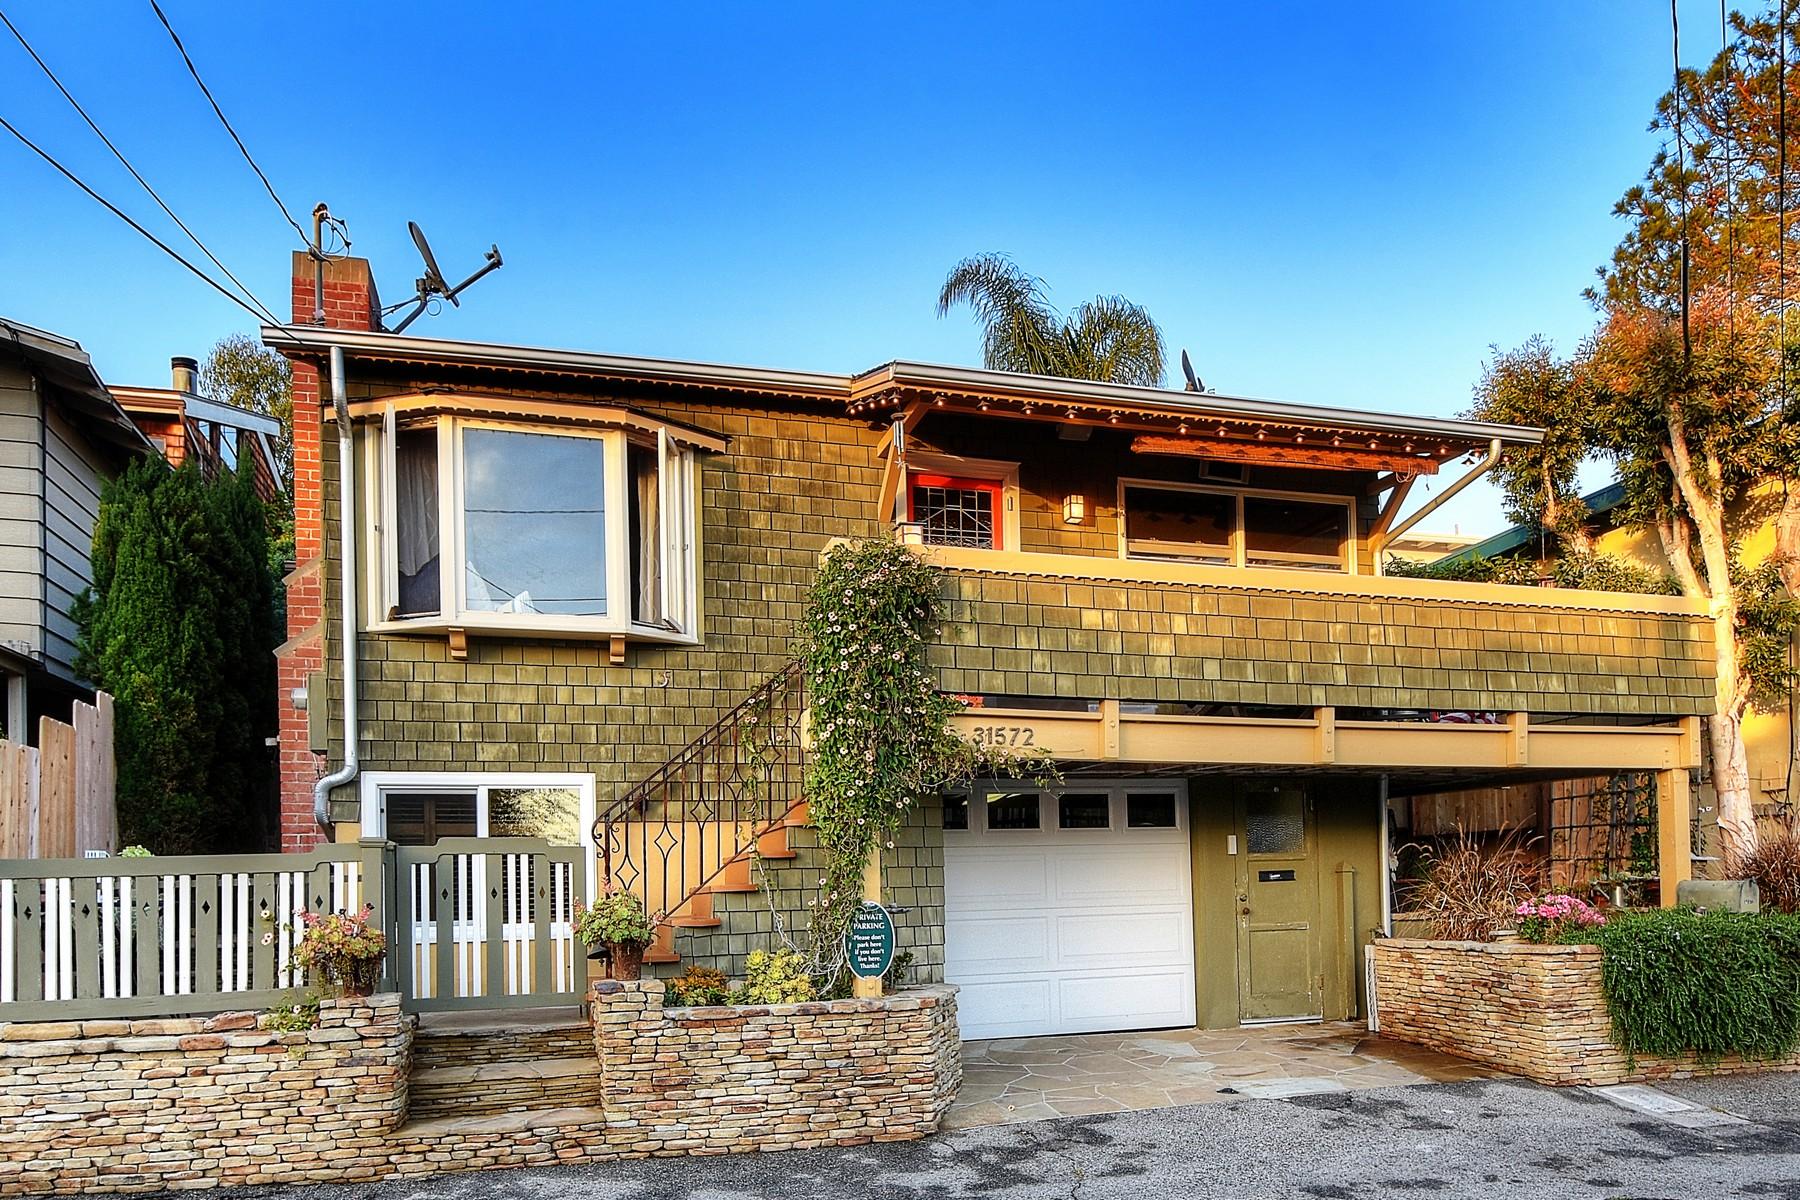 Vivienda unifamiliar por un Venta en 31572 Wildwood Rd. Laguna Beach, California, 92651 Estados Unidos